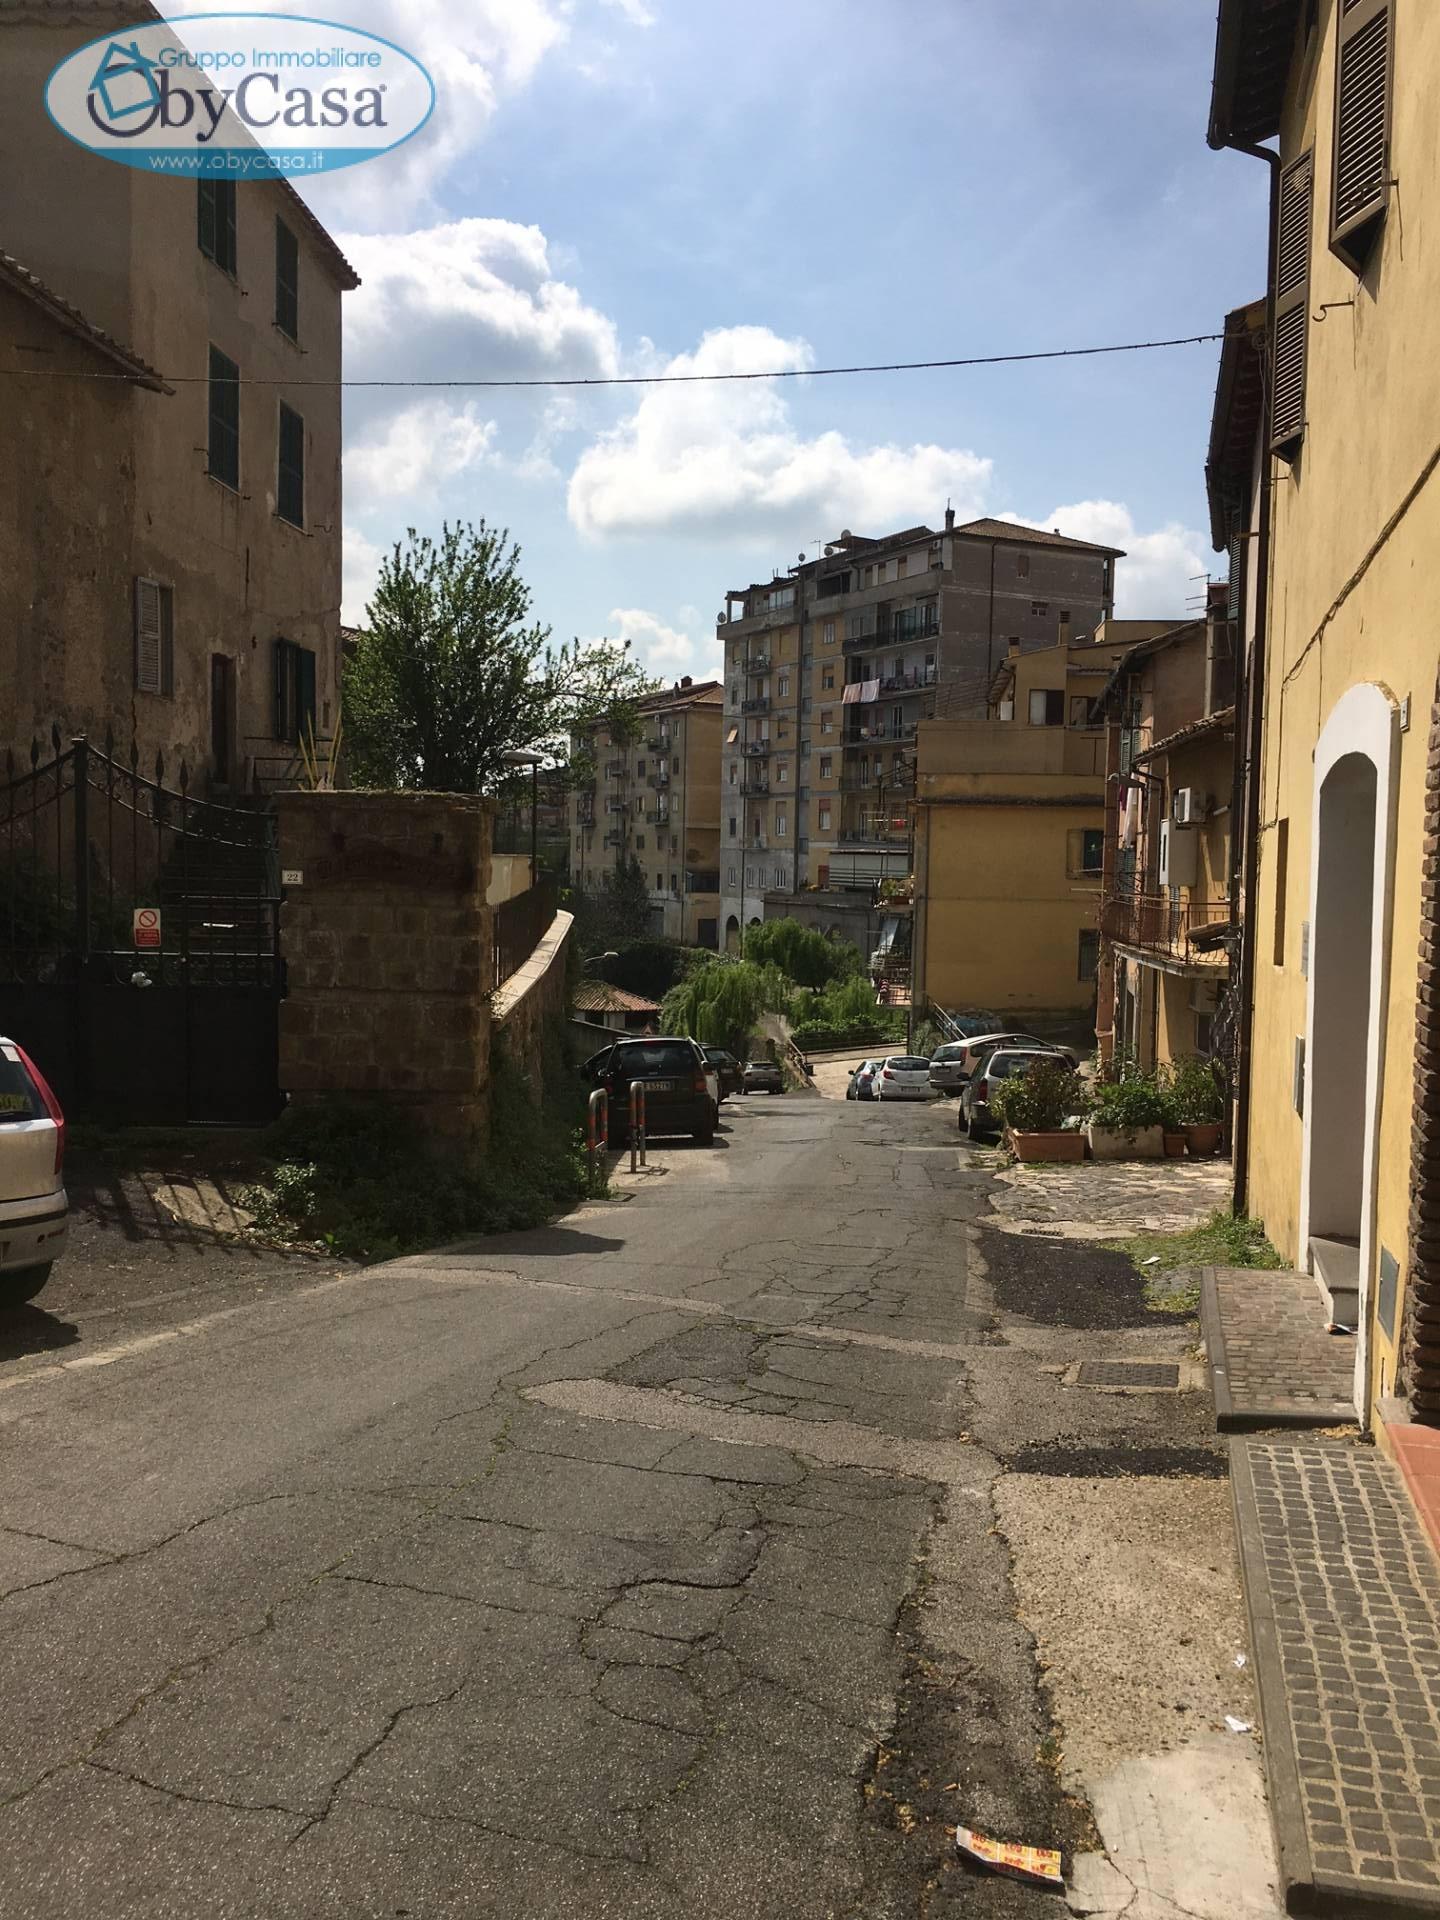 Magazzino in vendita a Bracciano, 1 locali, zona Zona: Centro, prezzo € 15.000 | Cambio Casa.it